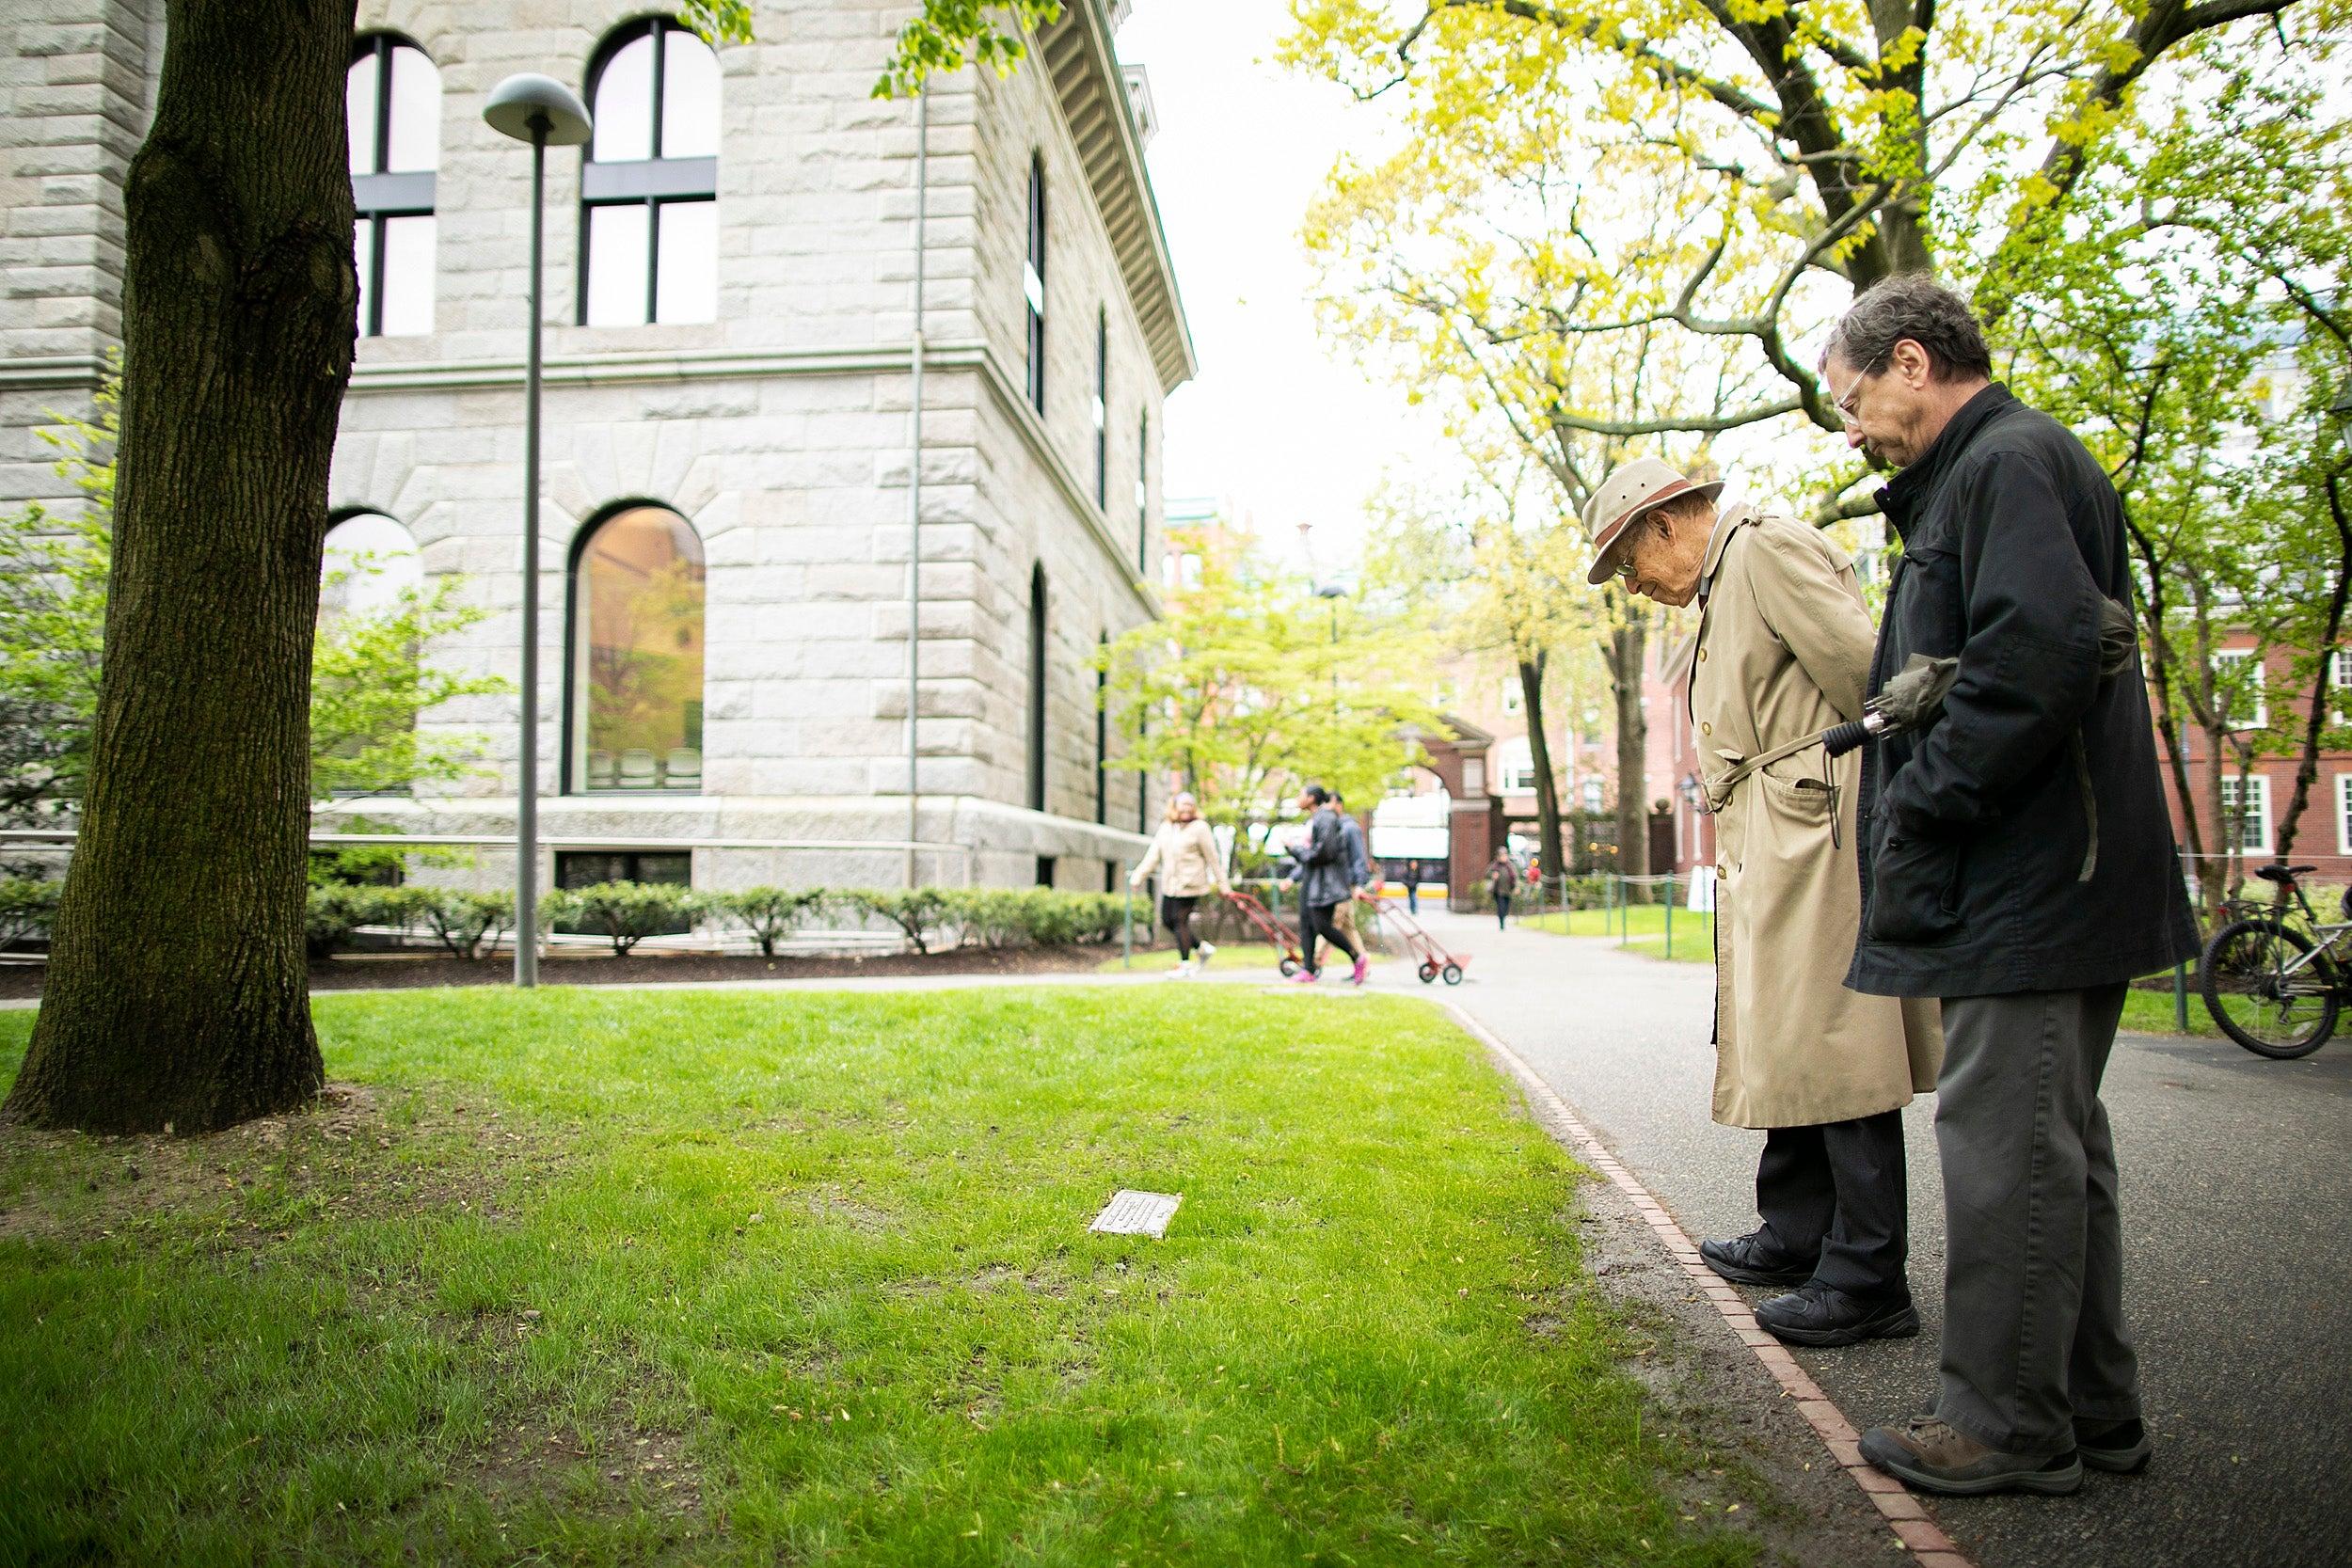 Two men examine plaque in Harvard Yard.